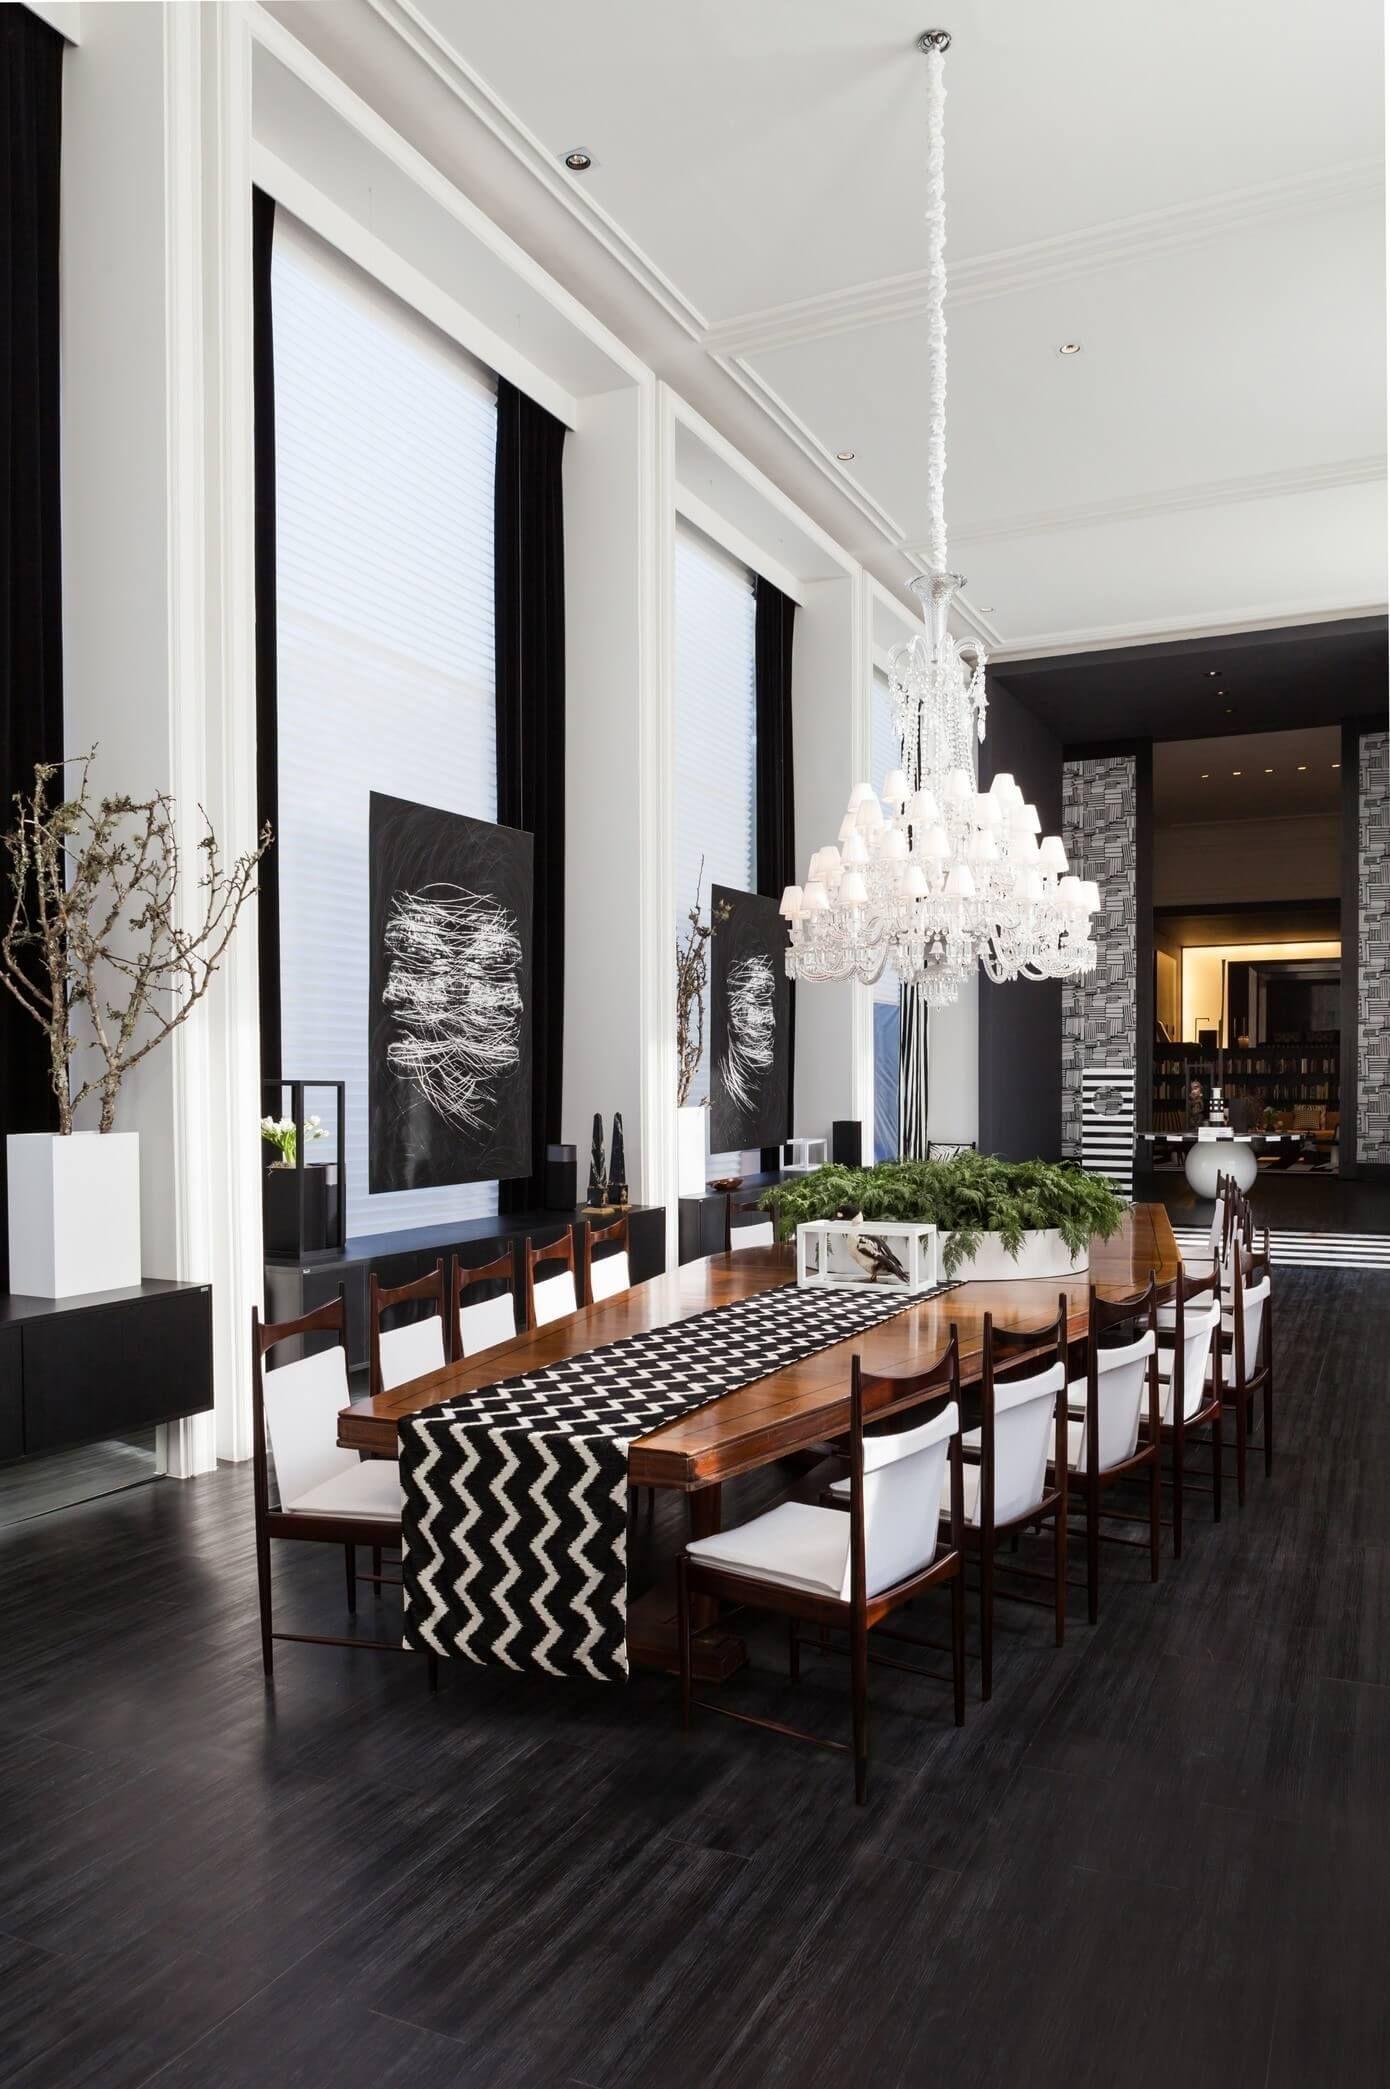 Online Interior Designer Spotlight Tiara Machado Dining Room Contemporary Modern Dining Room Luxury Dining Room